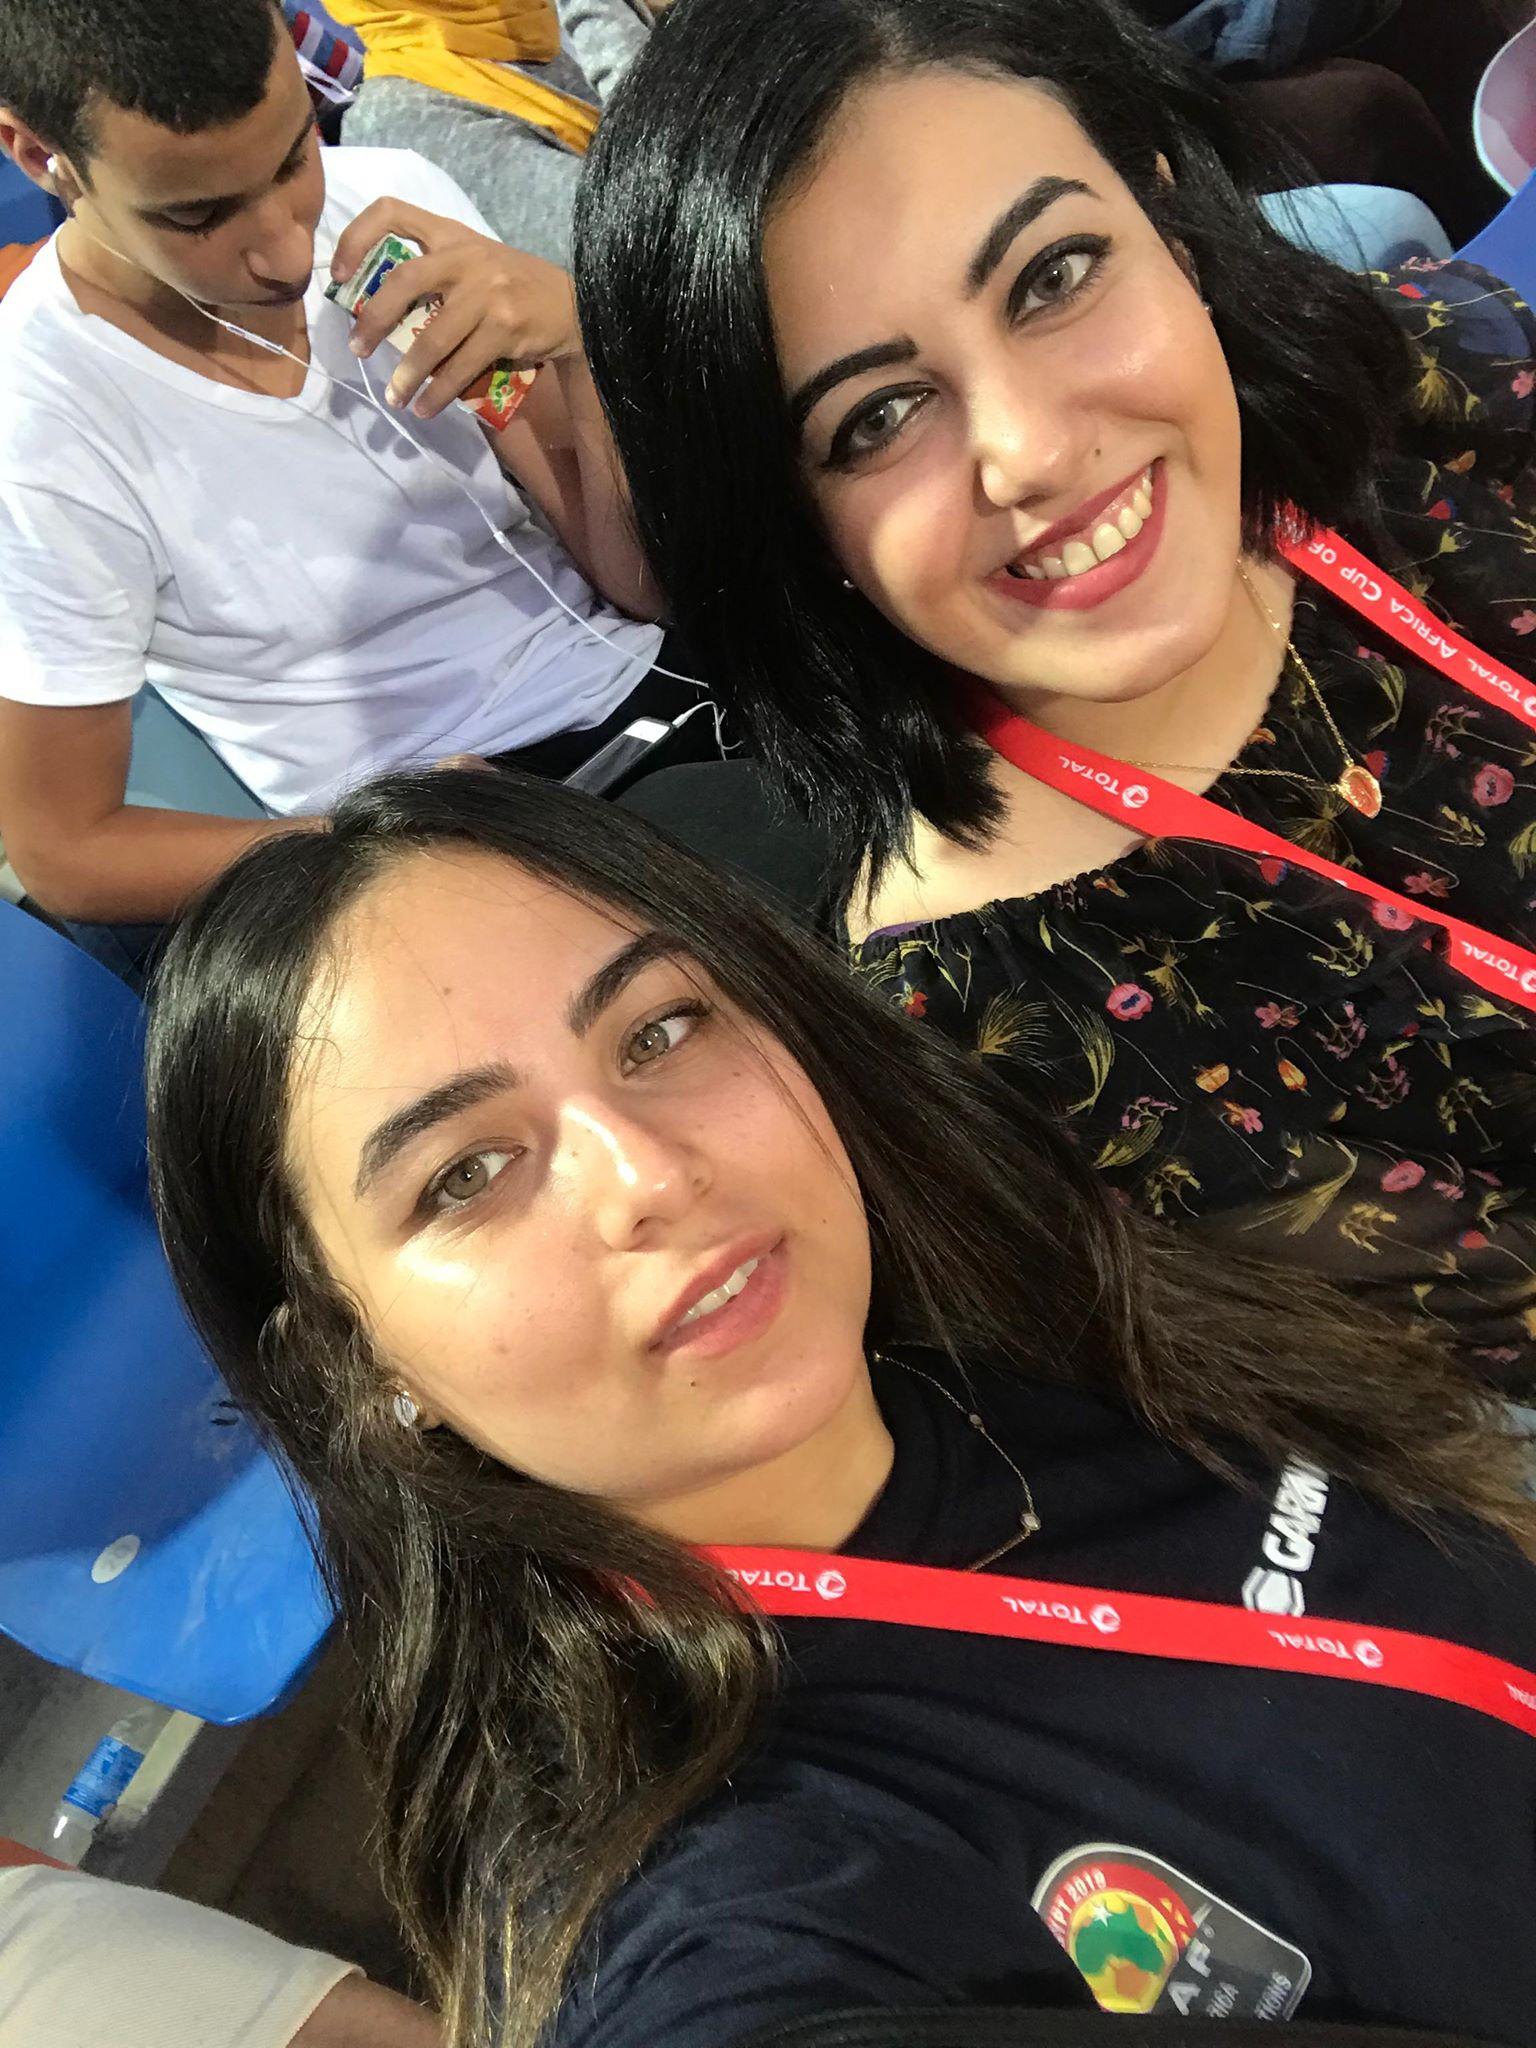 أسماء أشرف إحدى متطوعات الترجمة في بطولة توتال كأس الأمم الأفريقية مصر 2019